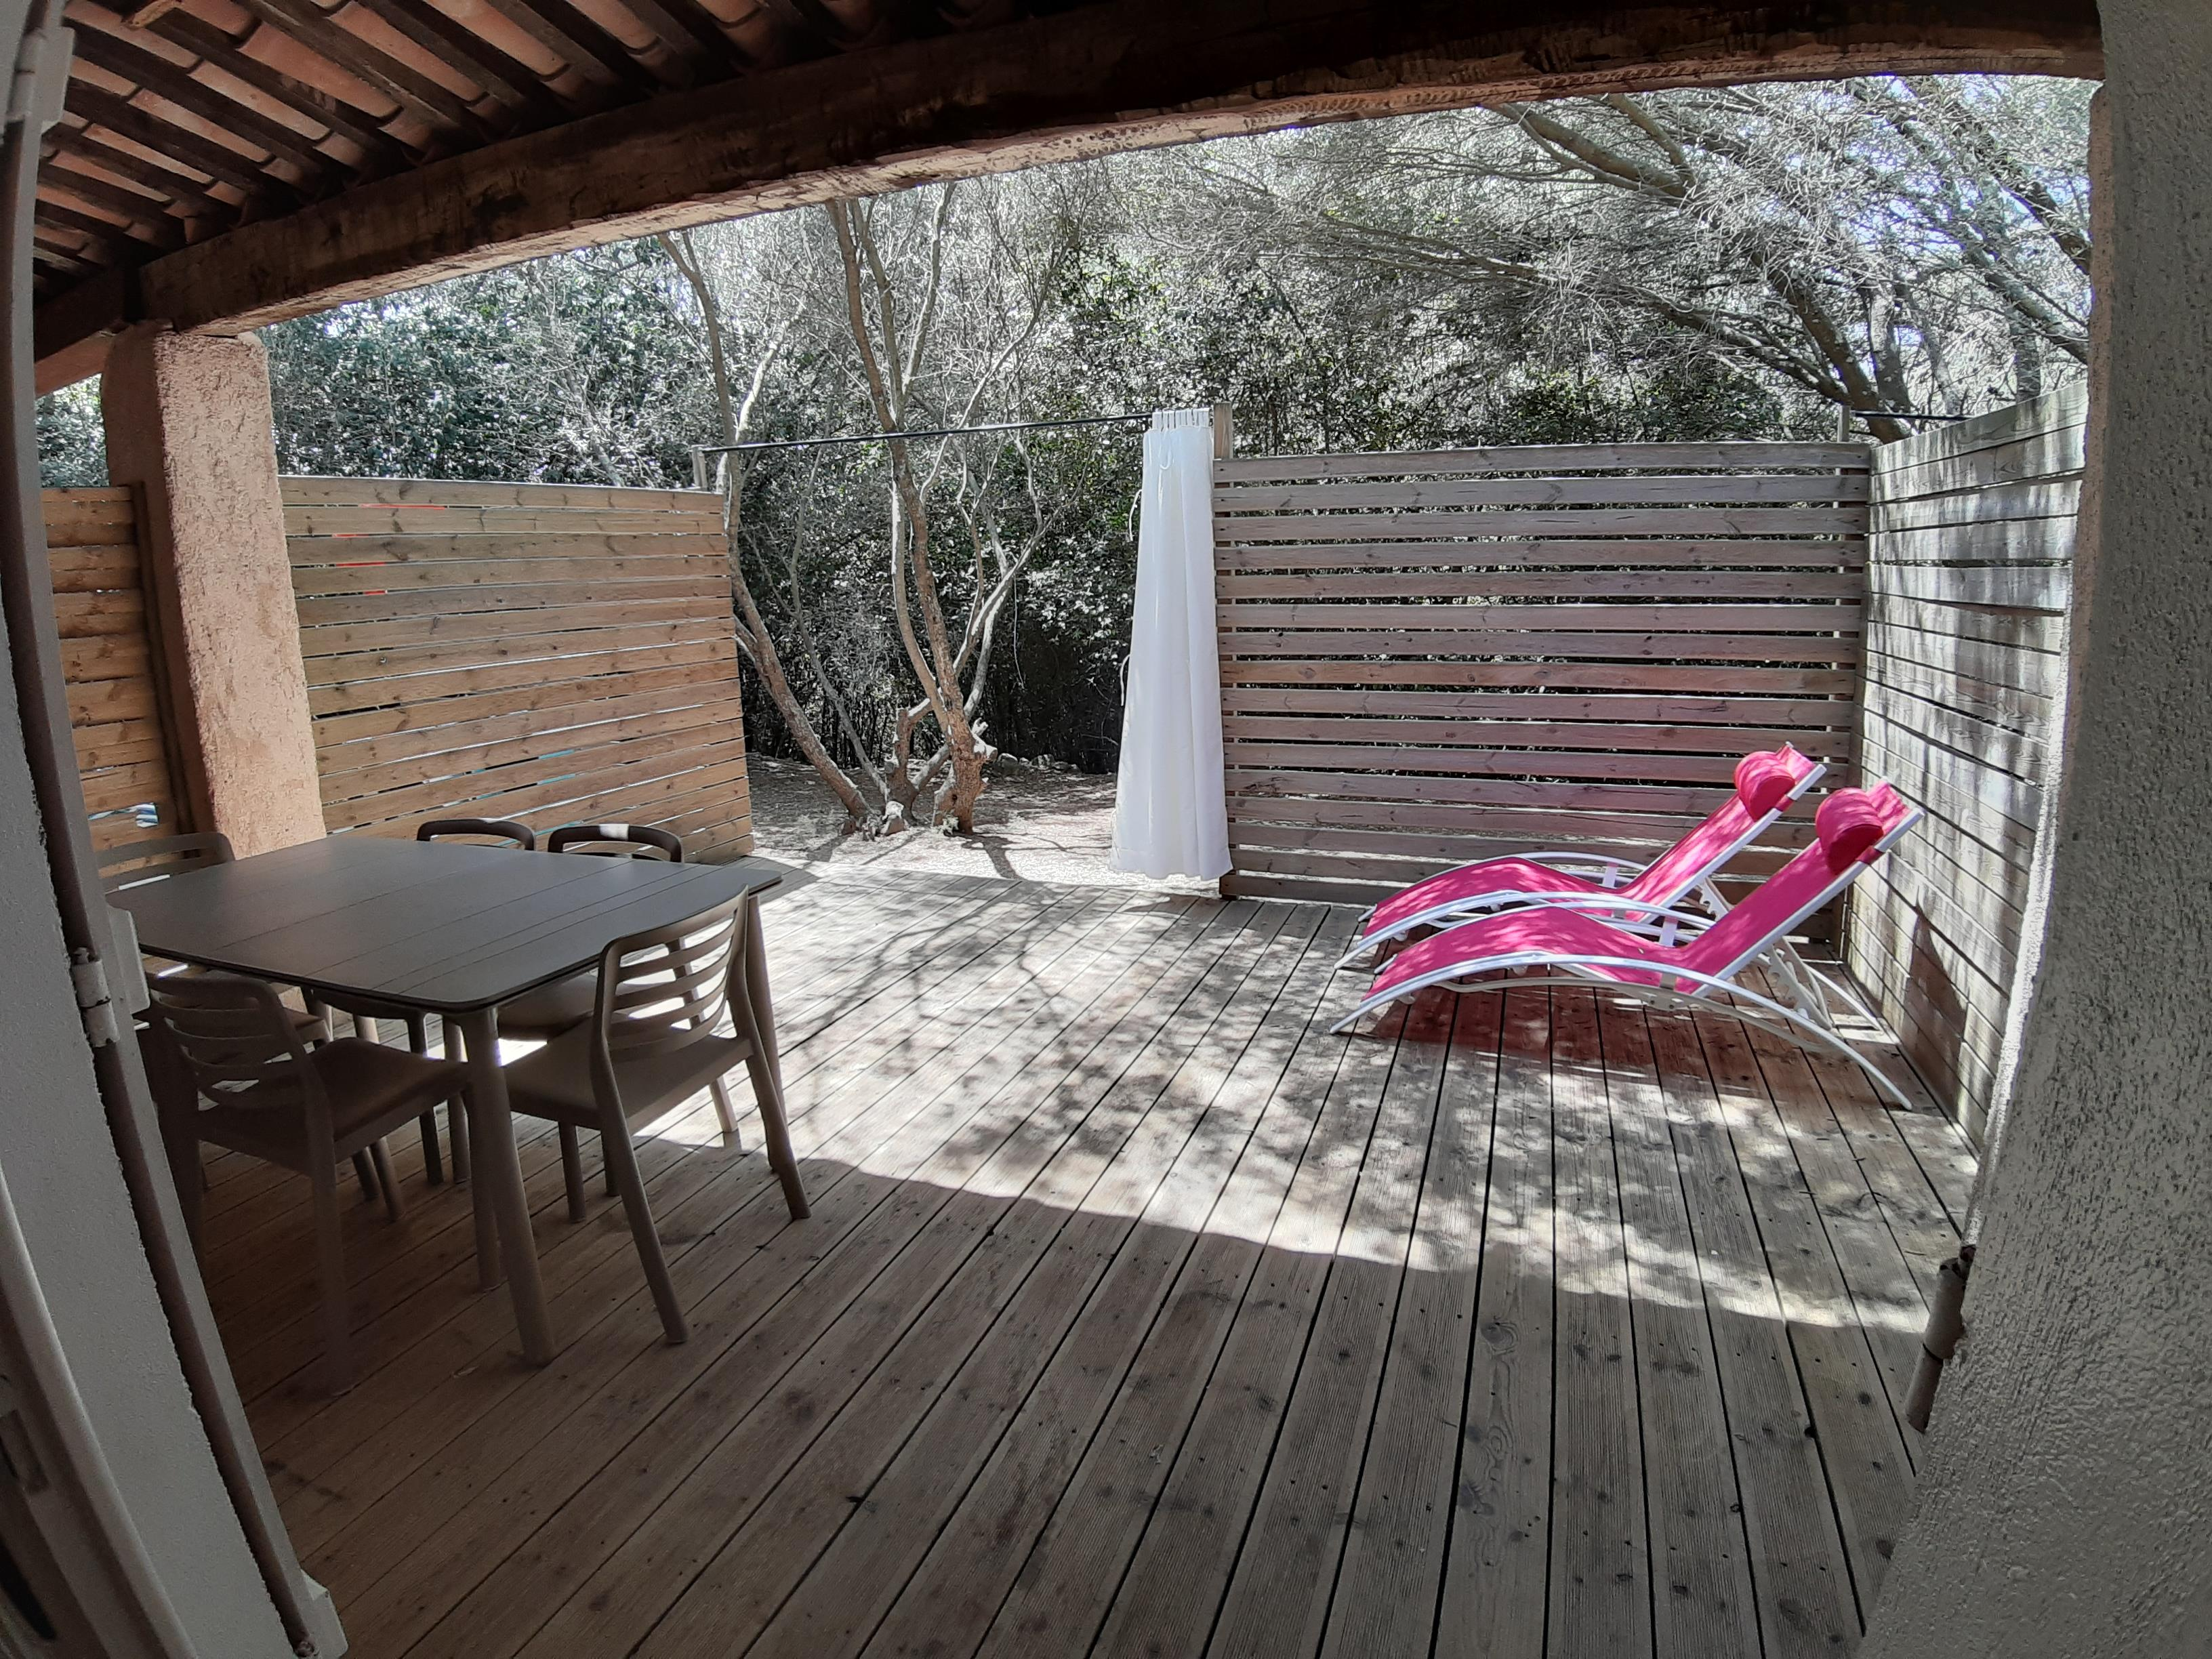 Location - Studio Cigalou 32 M² (Mezzanine 10 M²) - Camping Le Beau Vezé